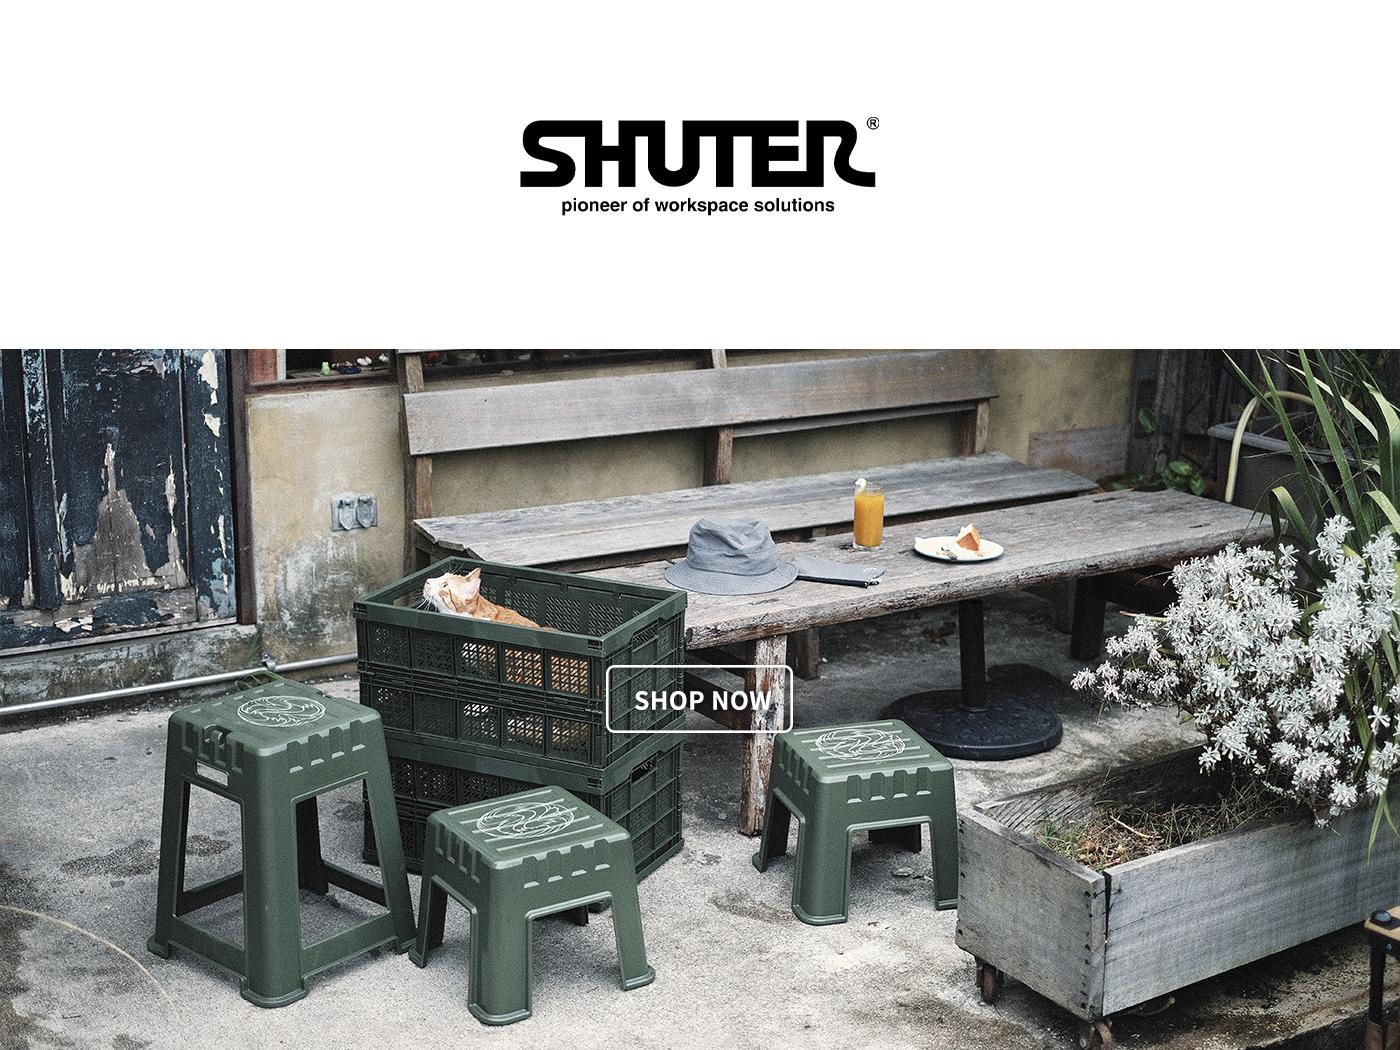 shuter,shuter 收納,shuter 樹德,樹德收納,15週年,15 anniversary,plain-me 15週年,plain-me 15週年慶,15週年慶